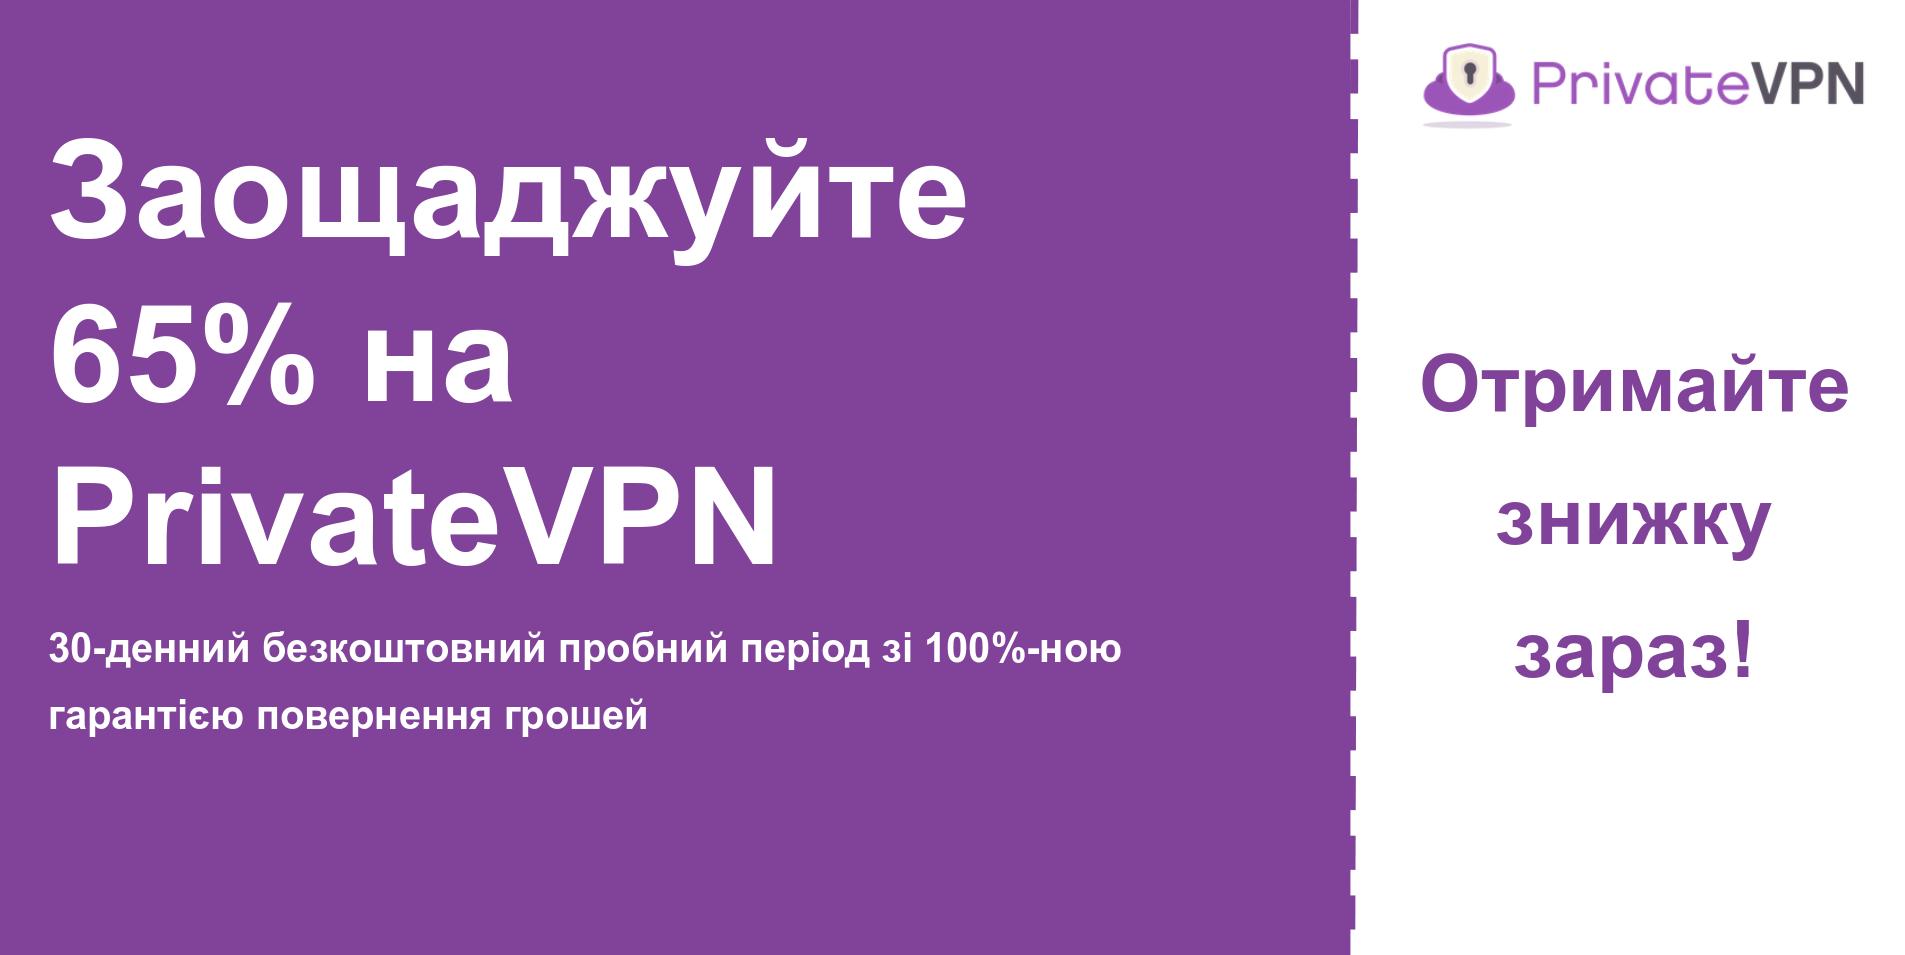 графічний банер основного купона PrivateVPN, який відображає 65%